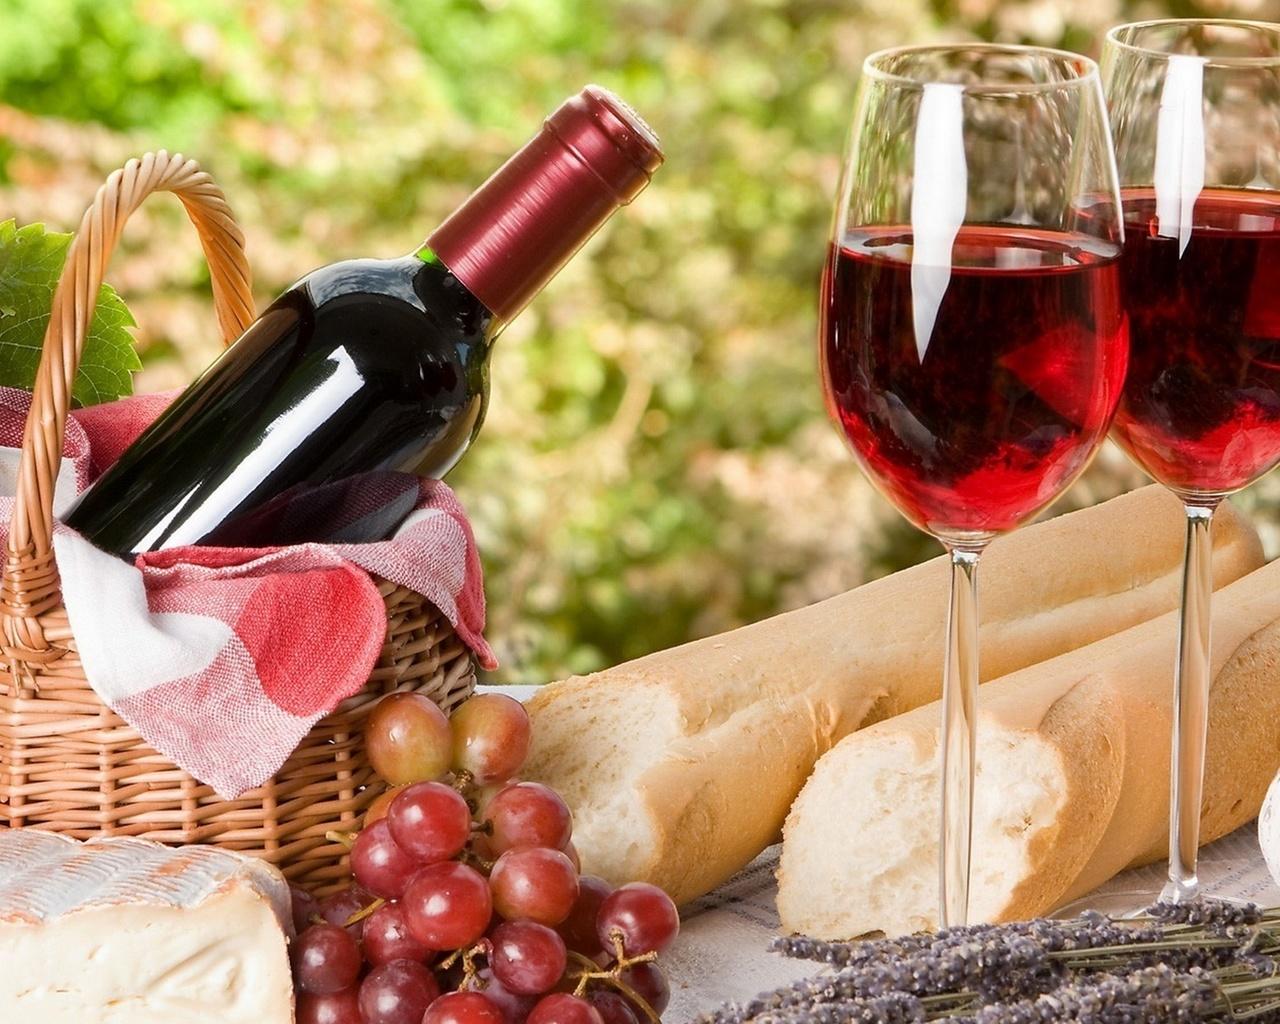 Прикольные картинки, картинки с виноградом и вином